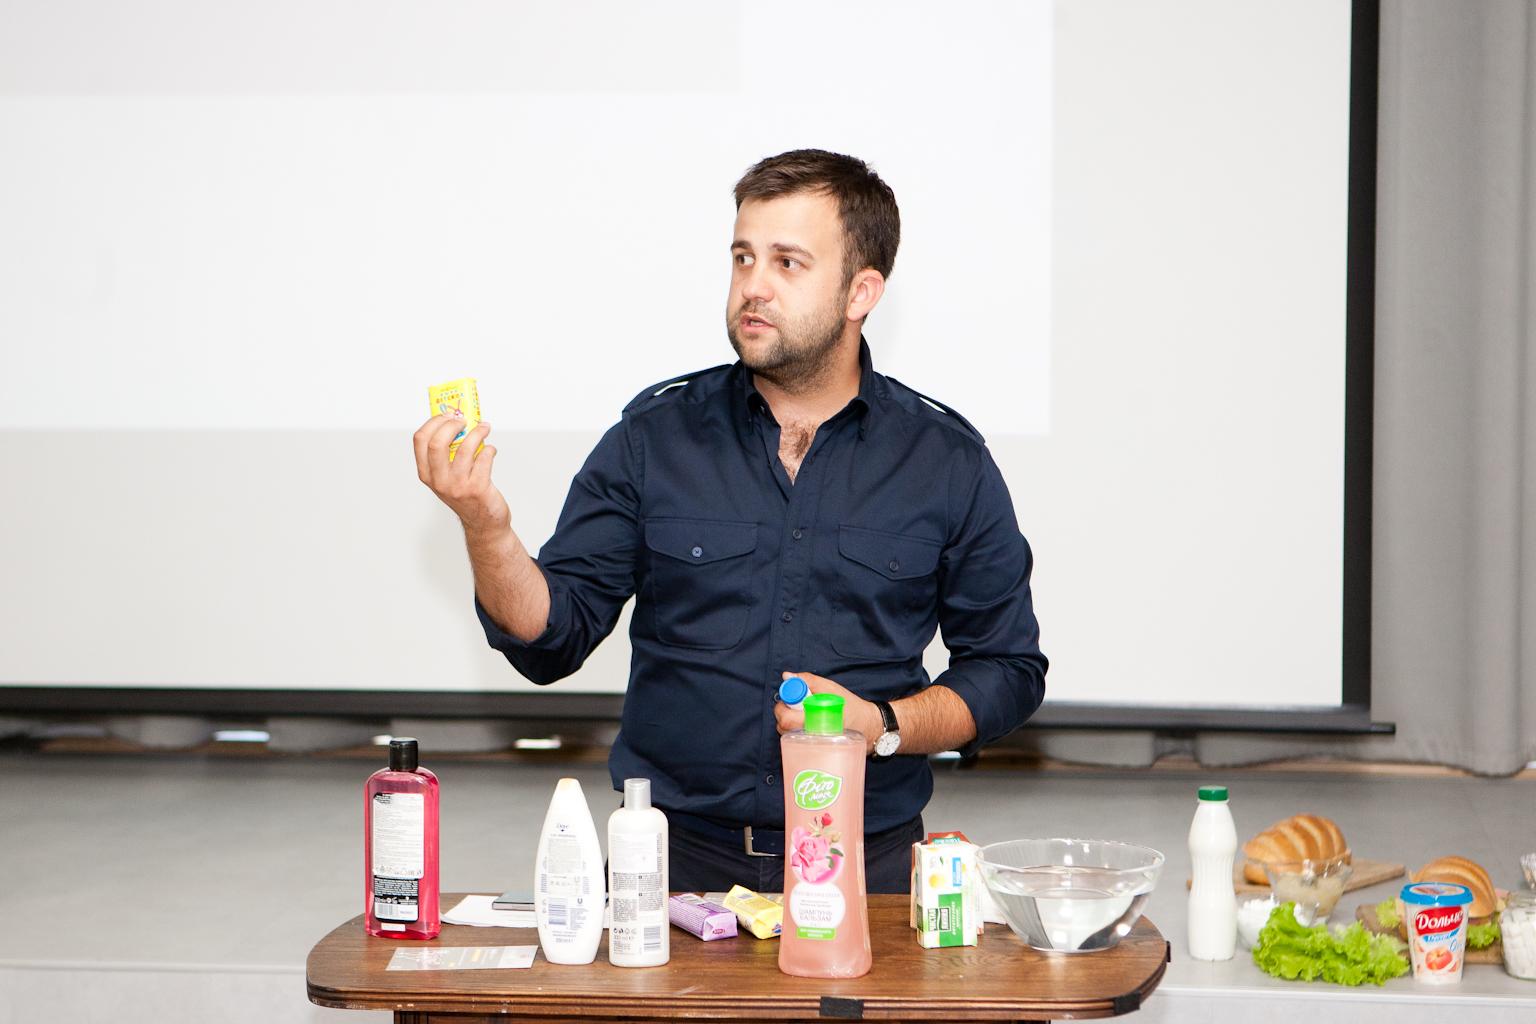 Что скрыто от глаз потребителя: опасность шампуня и неприятный состав привычных продуктов - фото №5